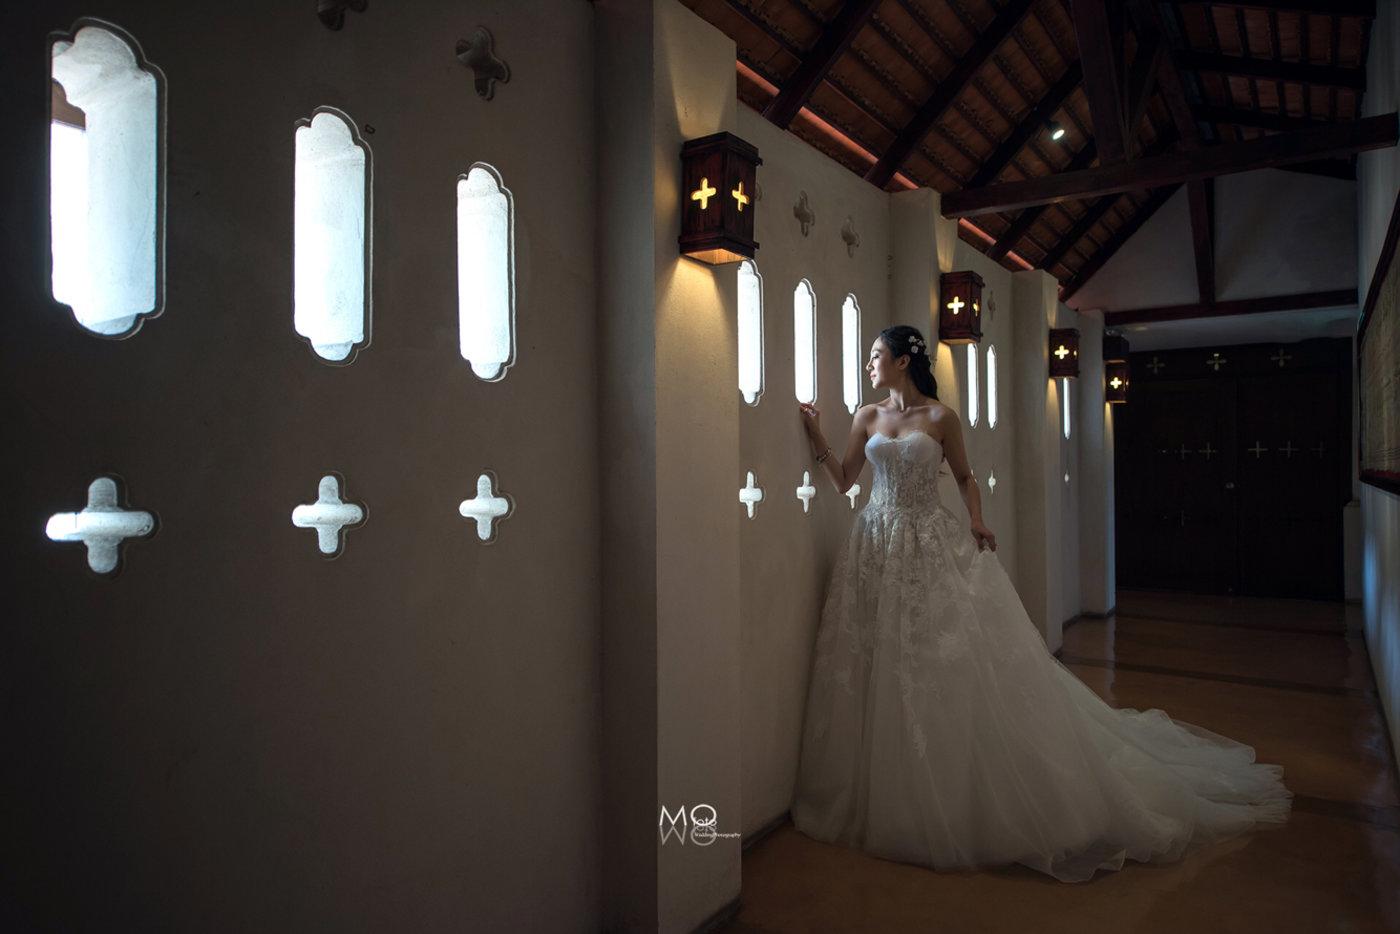 Mofoto 婚纱旅拍 泰国4